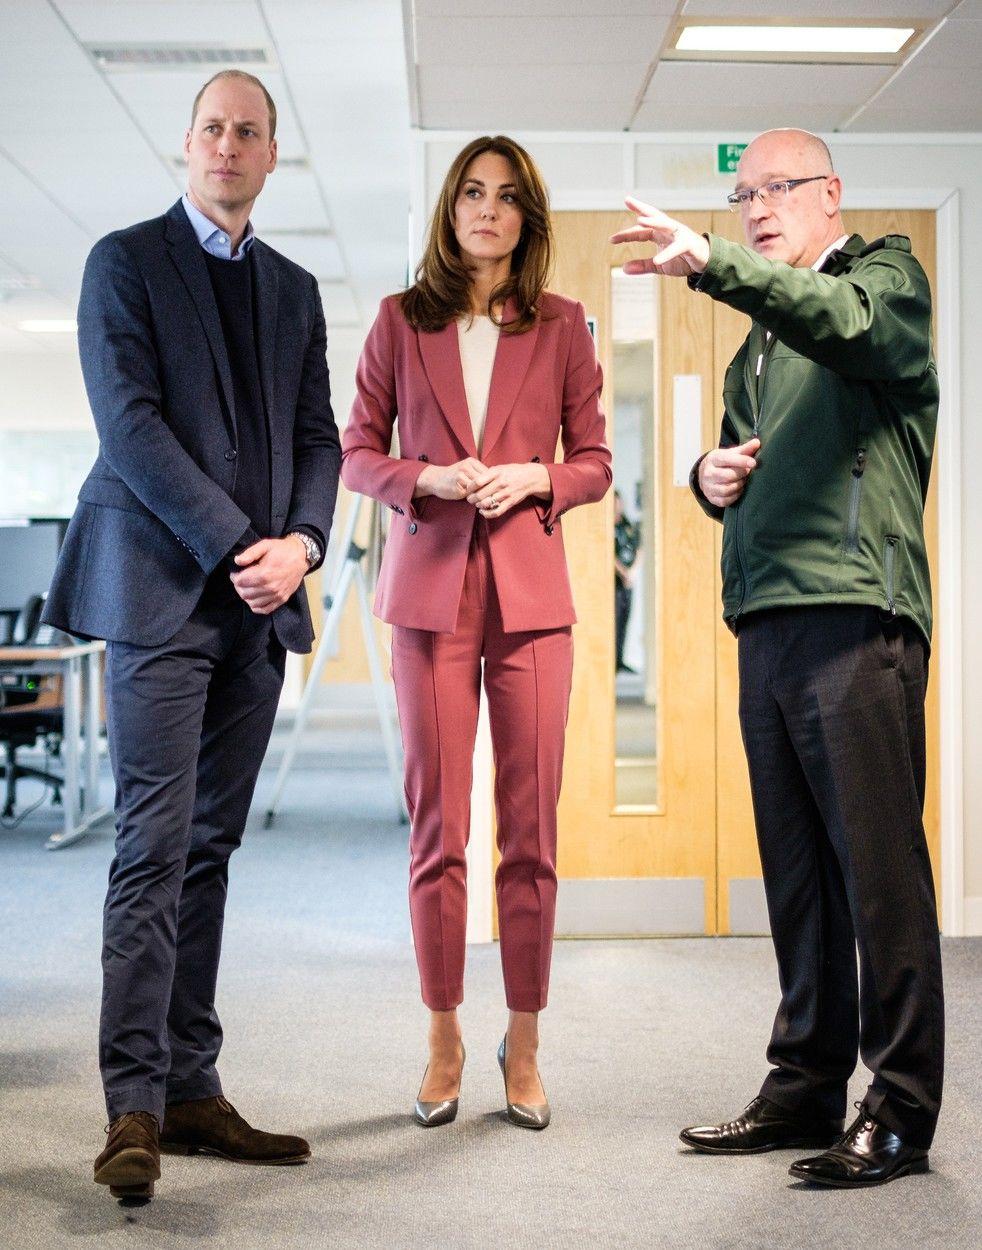 Vilmos herceg és Katalin hercegnő egy londoni menőállomáson